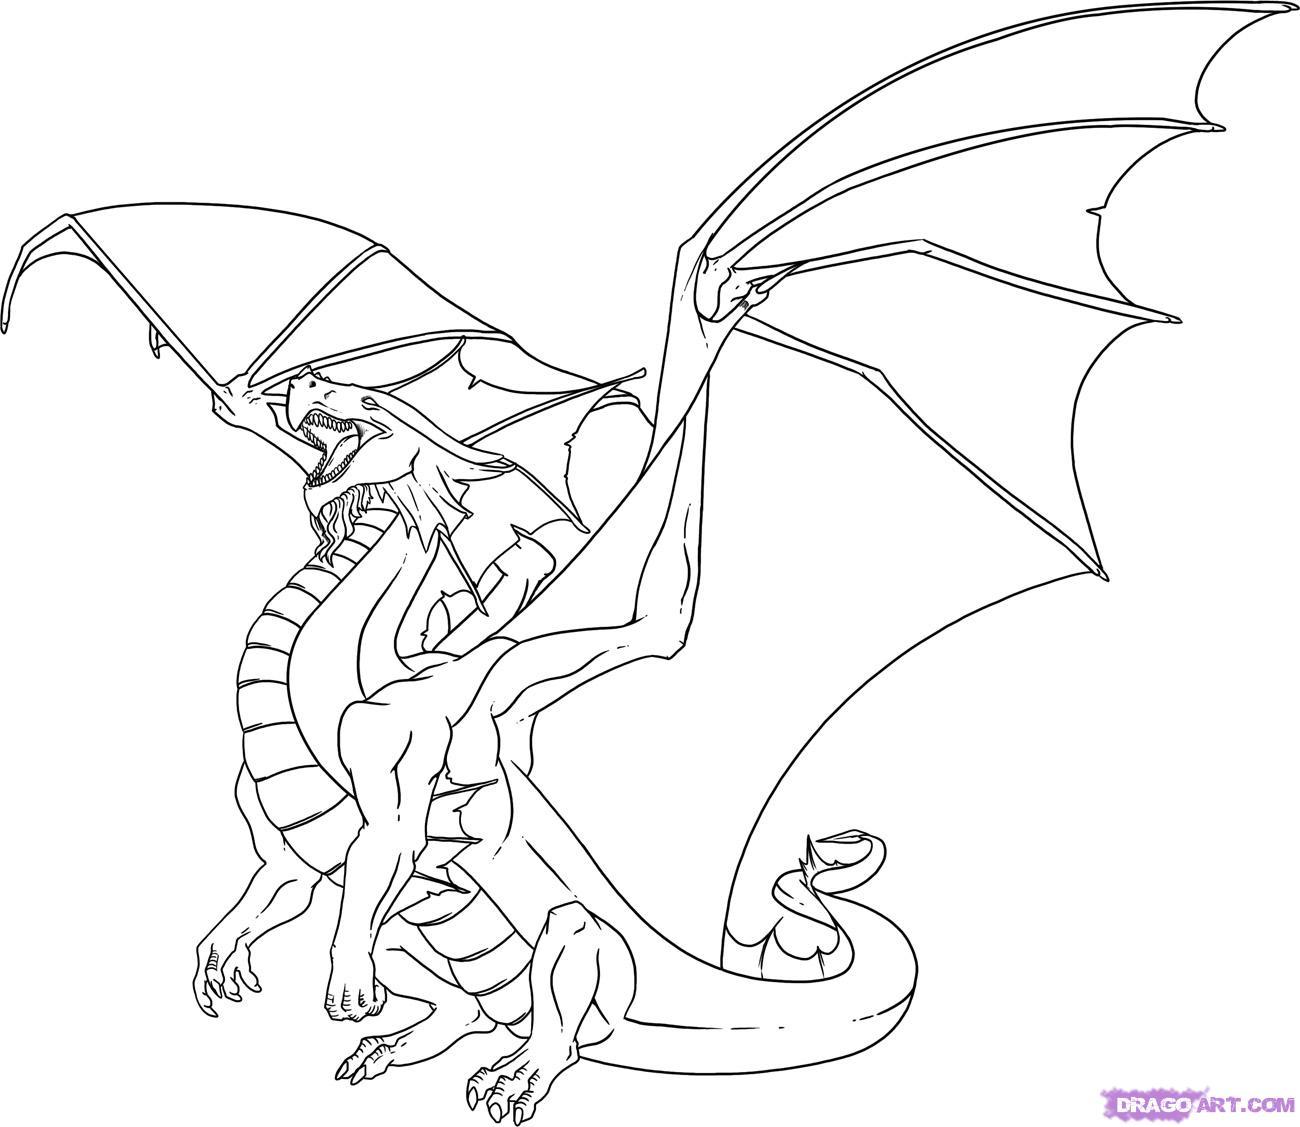 Coloriage de dragon gratuit  imprimer et colorier